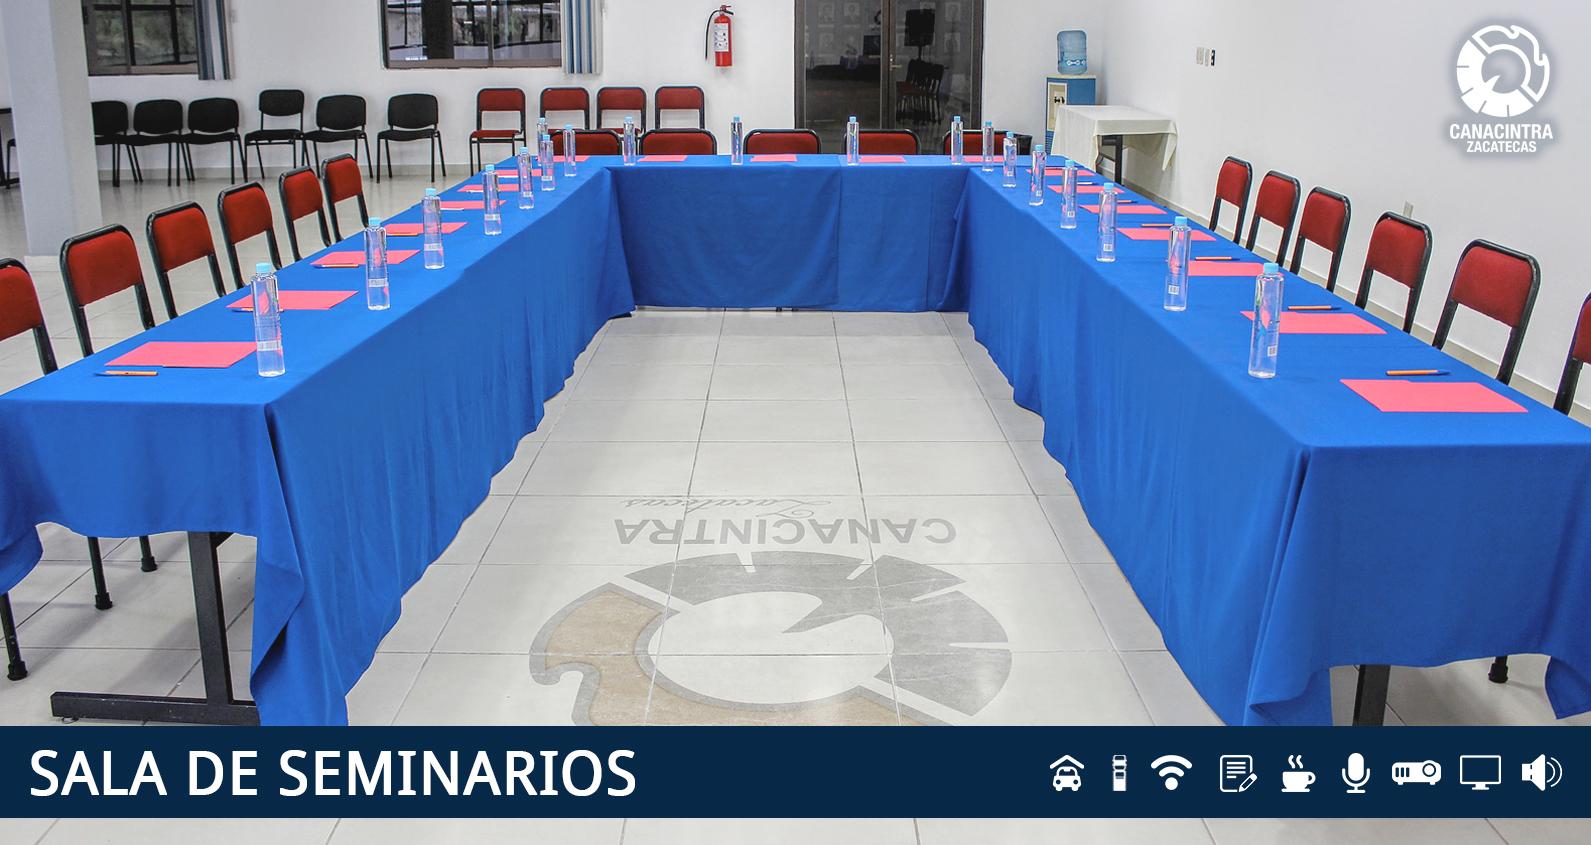 sala-de-seminarios-canacintra-6